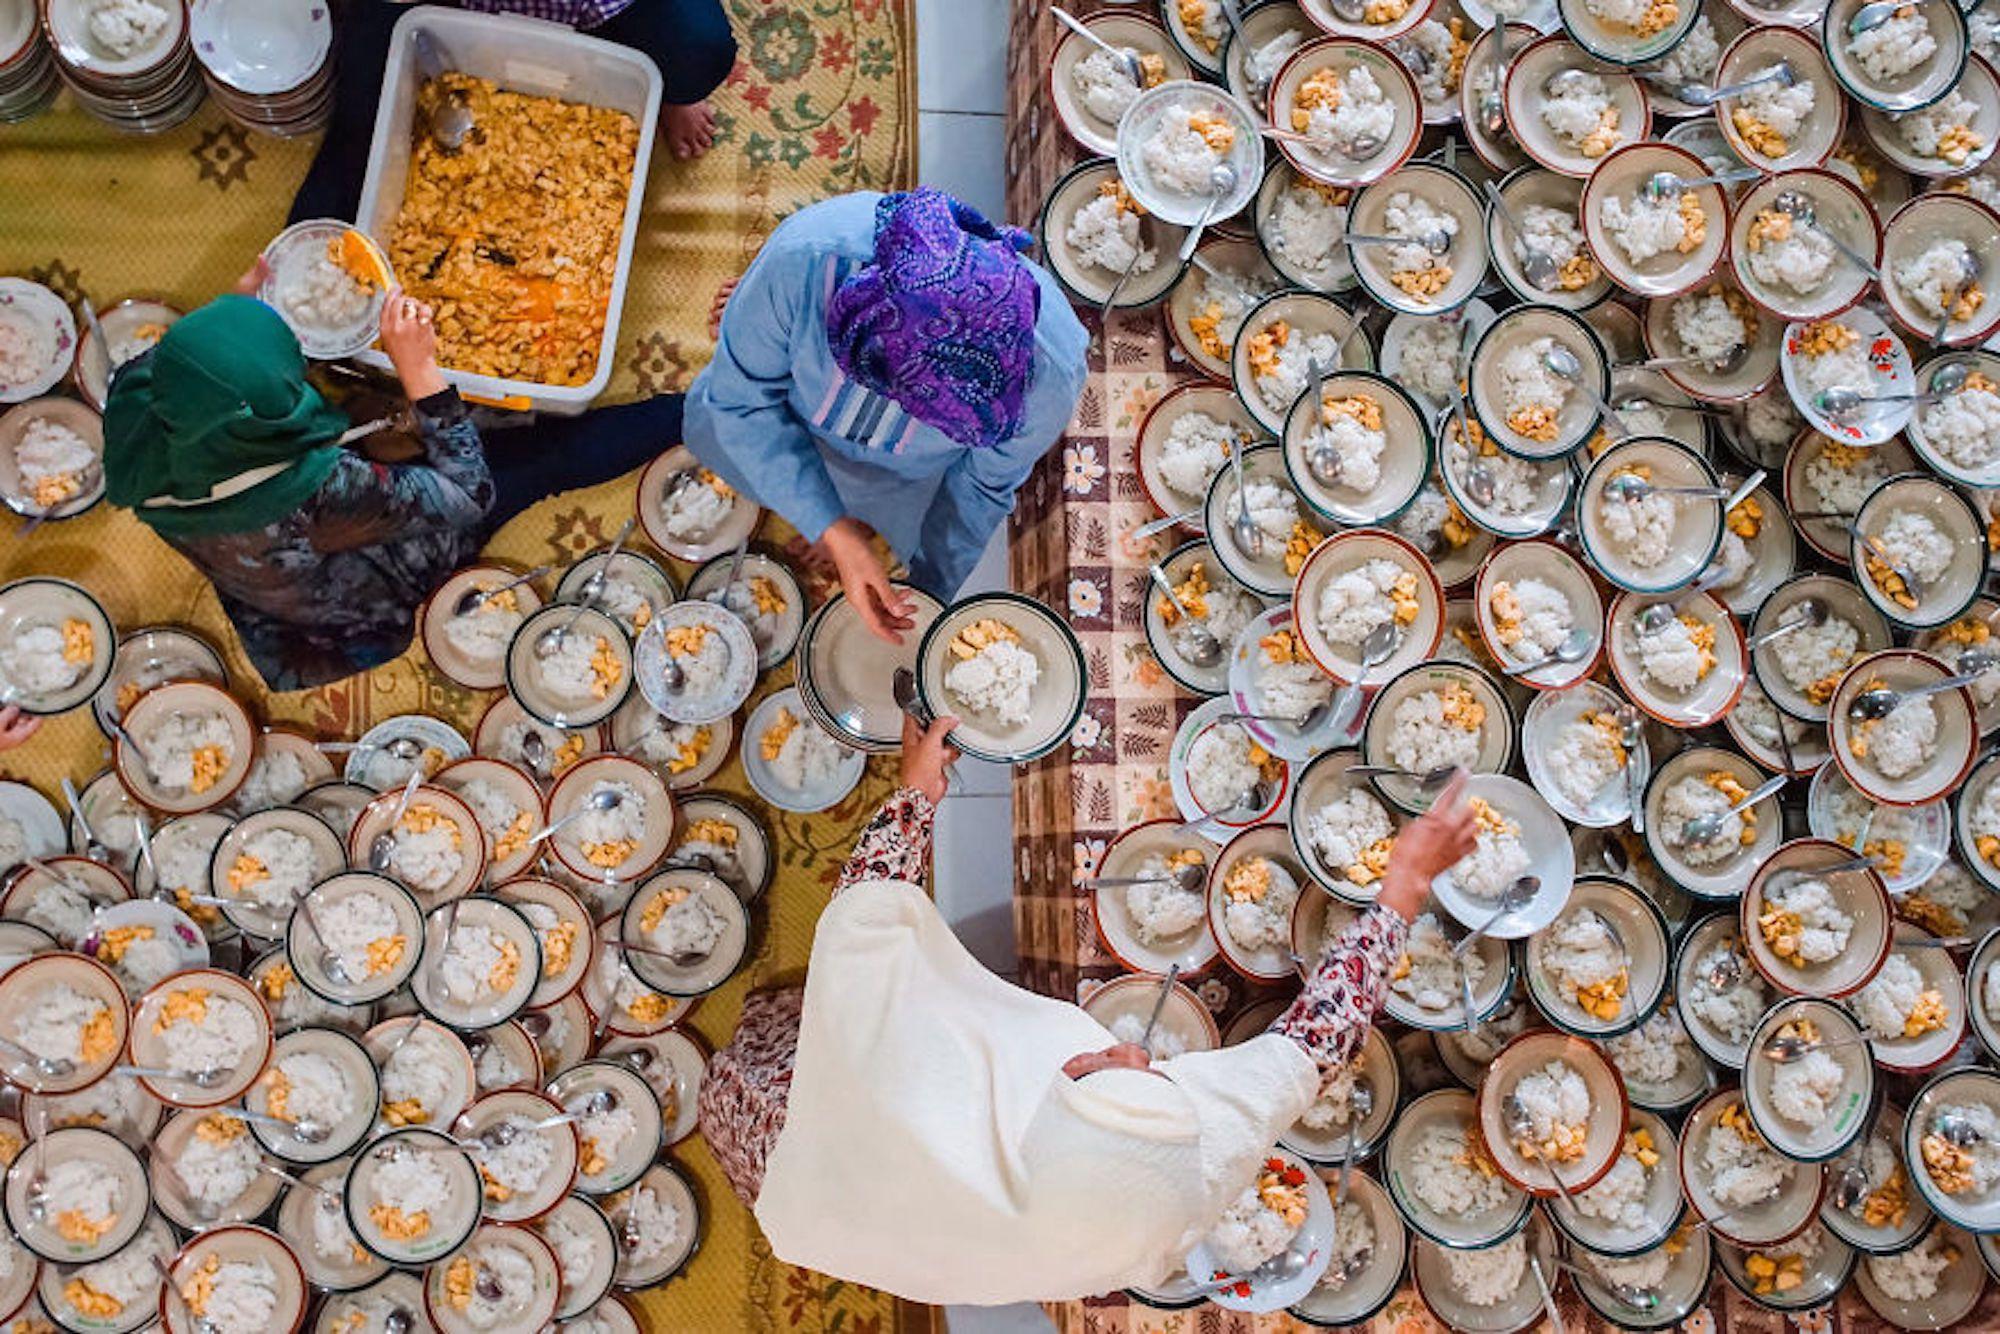 Três voluntários servem 1.000 pratos de frango e arroz preparados para o Iftar, uma refeição noturna servida no Ramadã